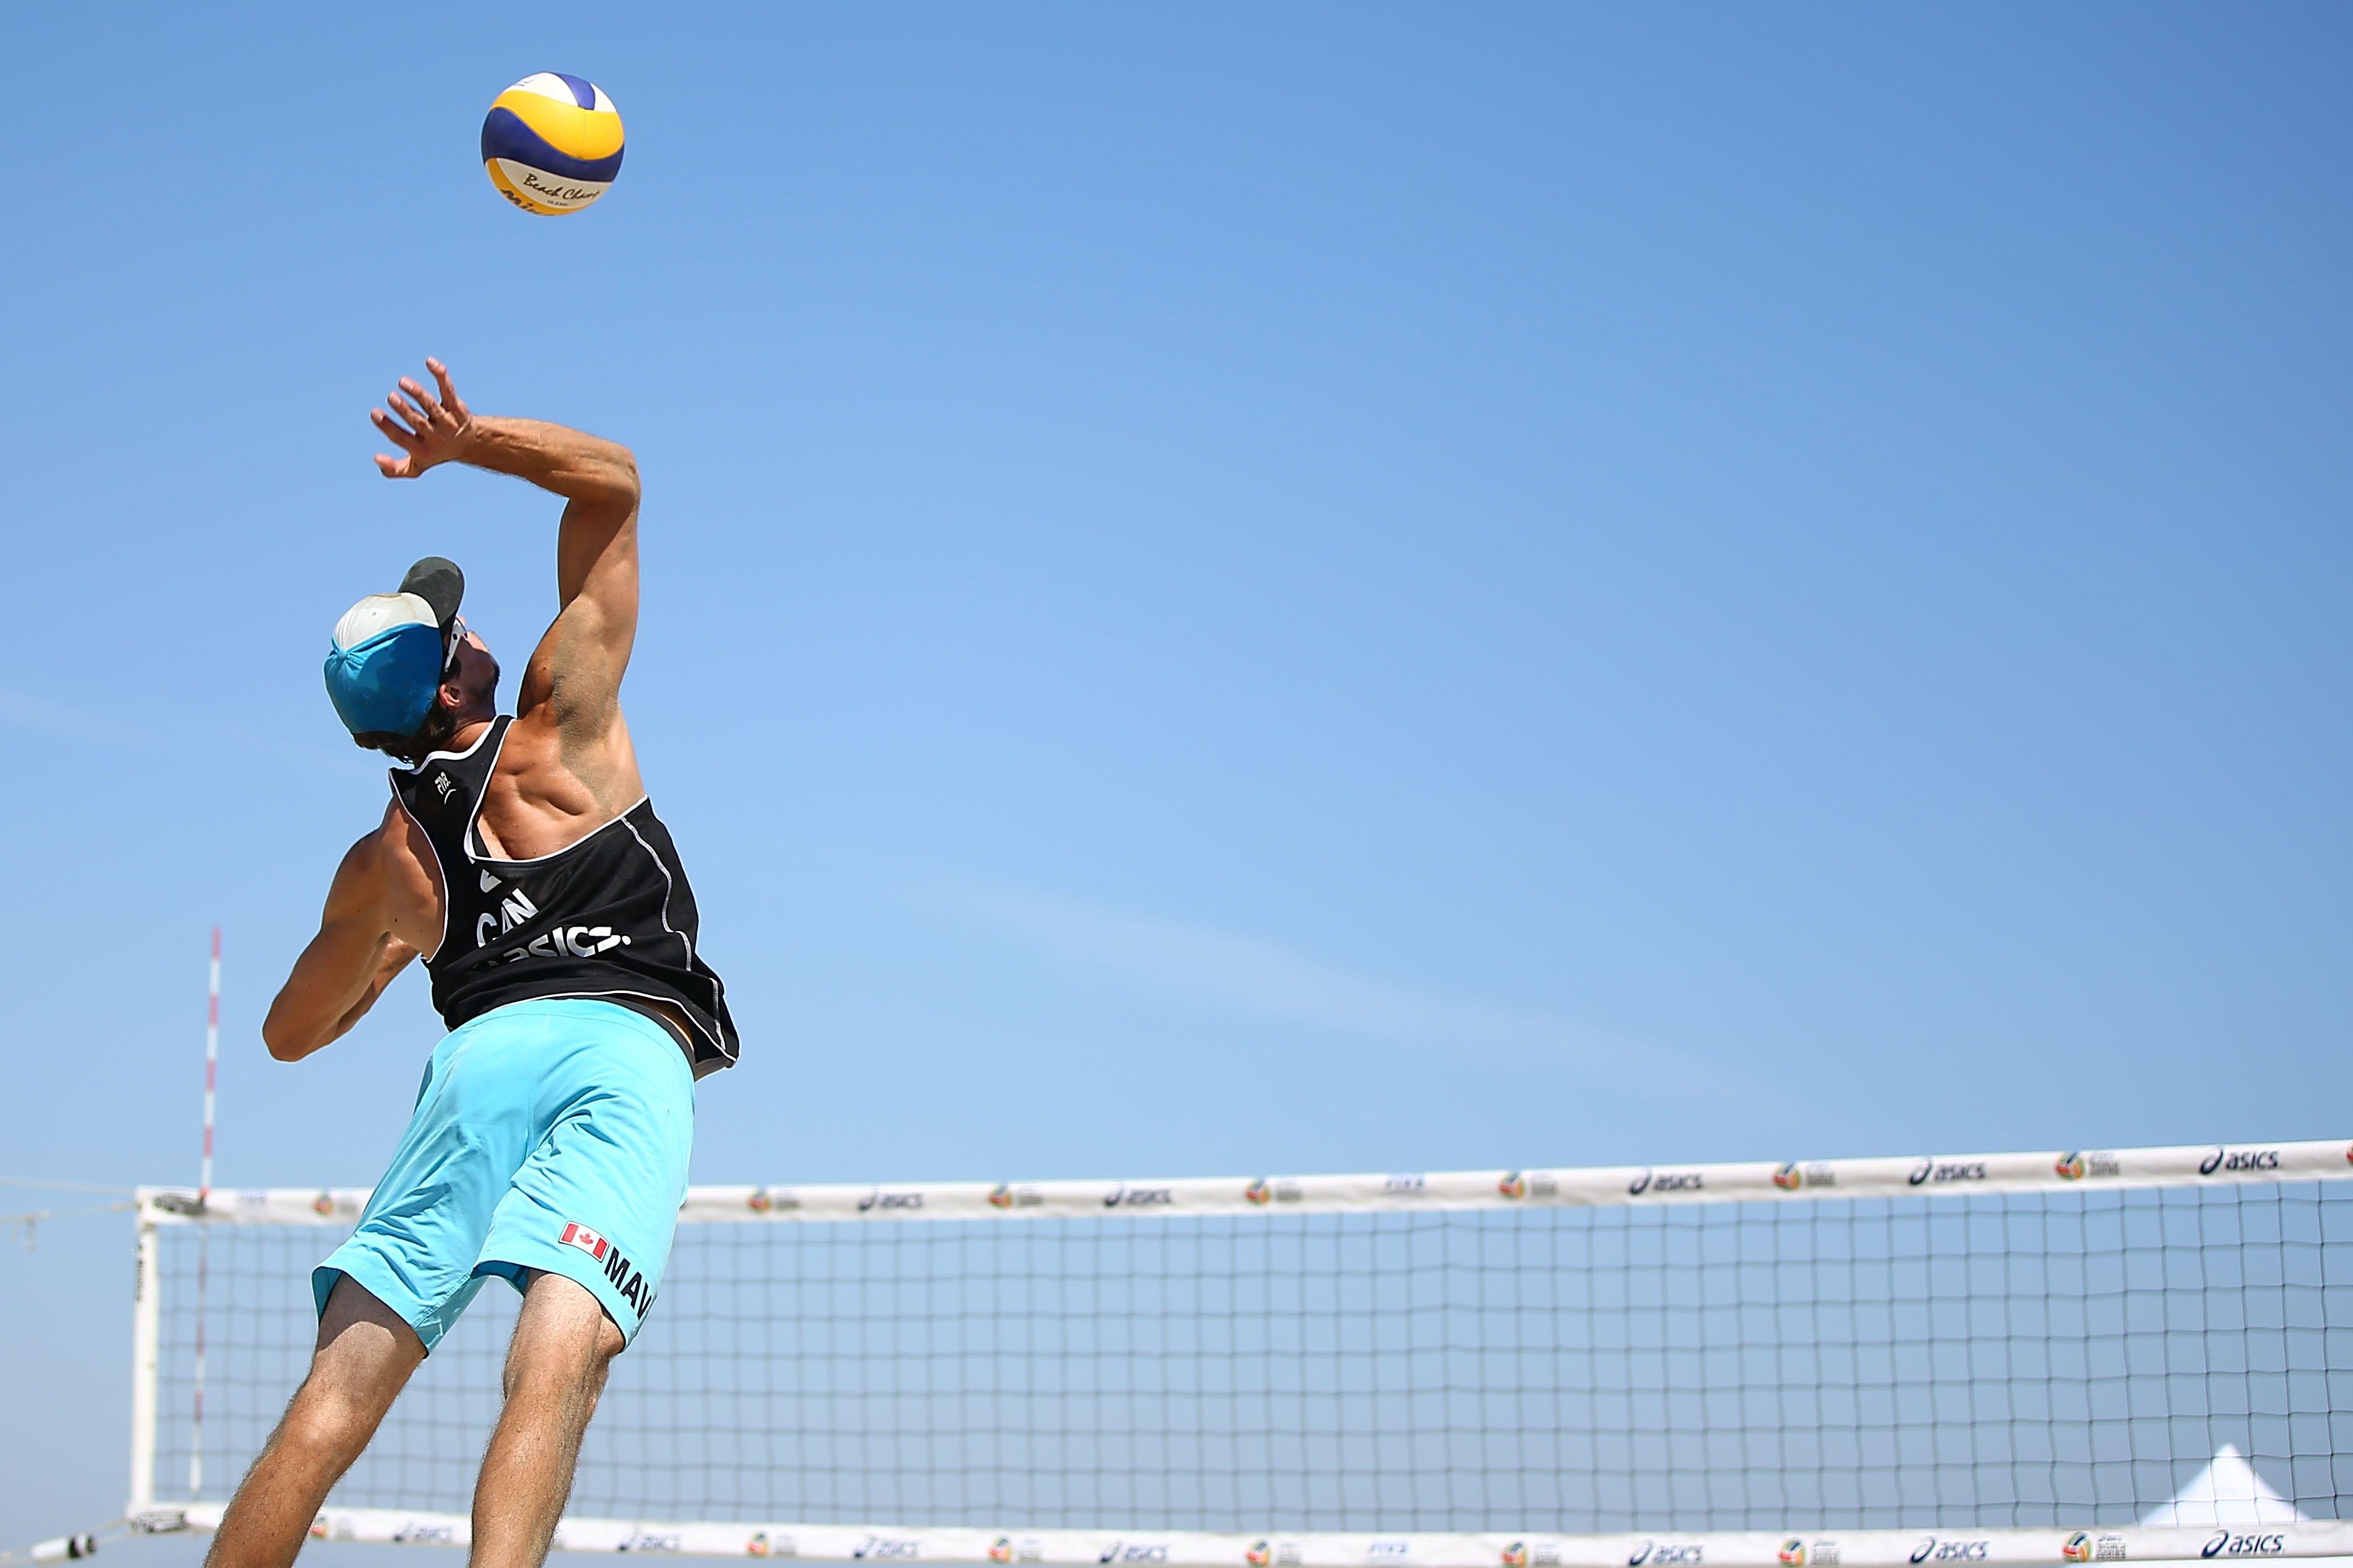 пляжный волейбол картинки и фото замечательный сайт